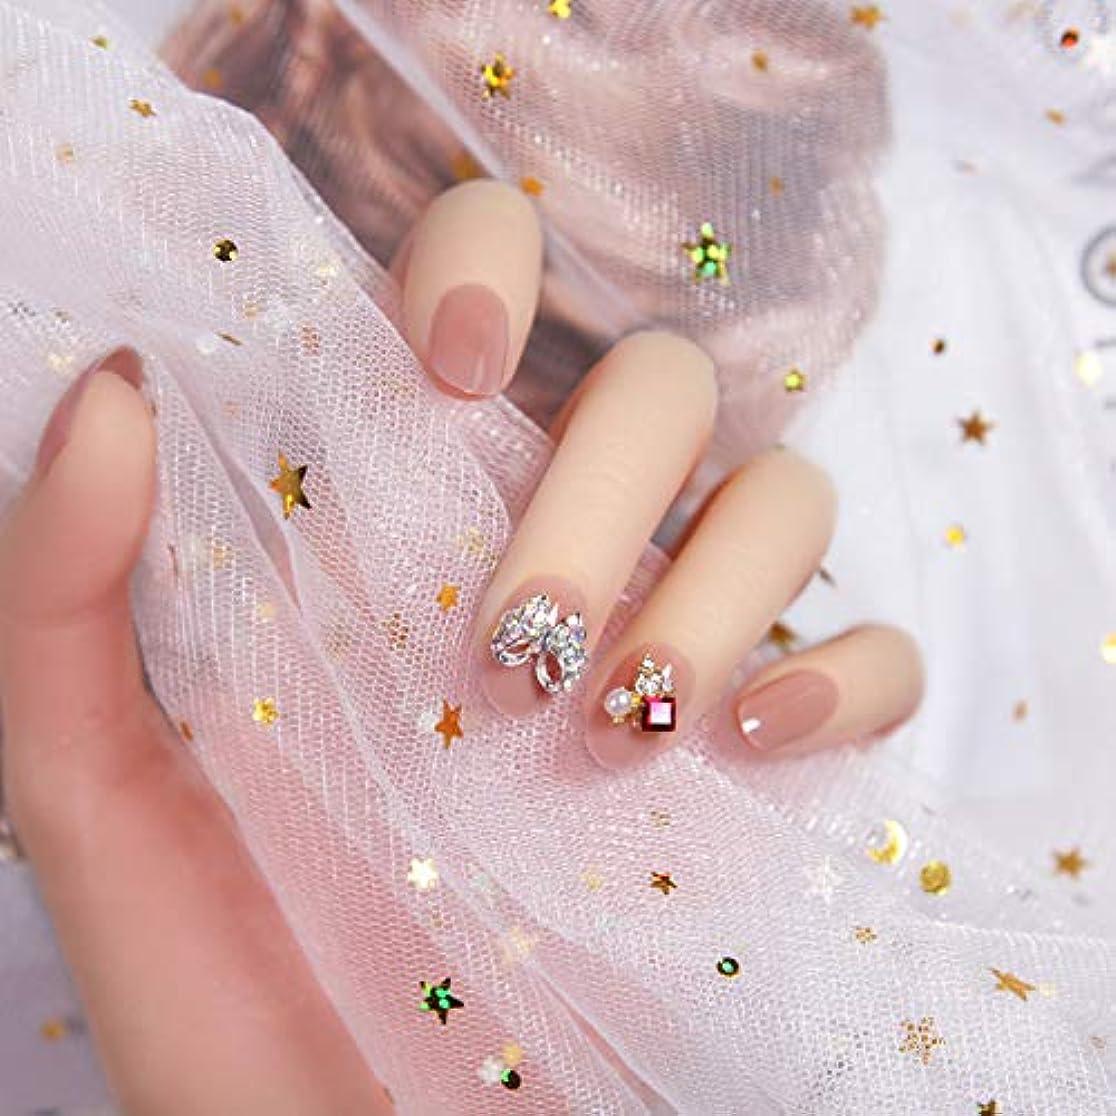 評価可能はがき革新ピンク 3D ネイルチップ 人造ダイヤモンド 24枚入 原宿 和風 夢幻 和装 手作りネイルチップ 結婚式ネイルチップ